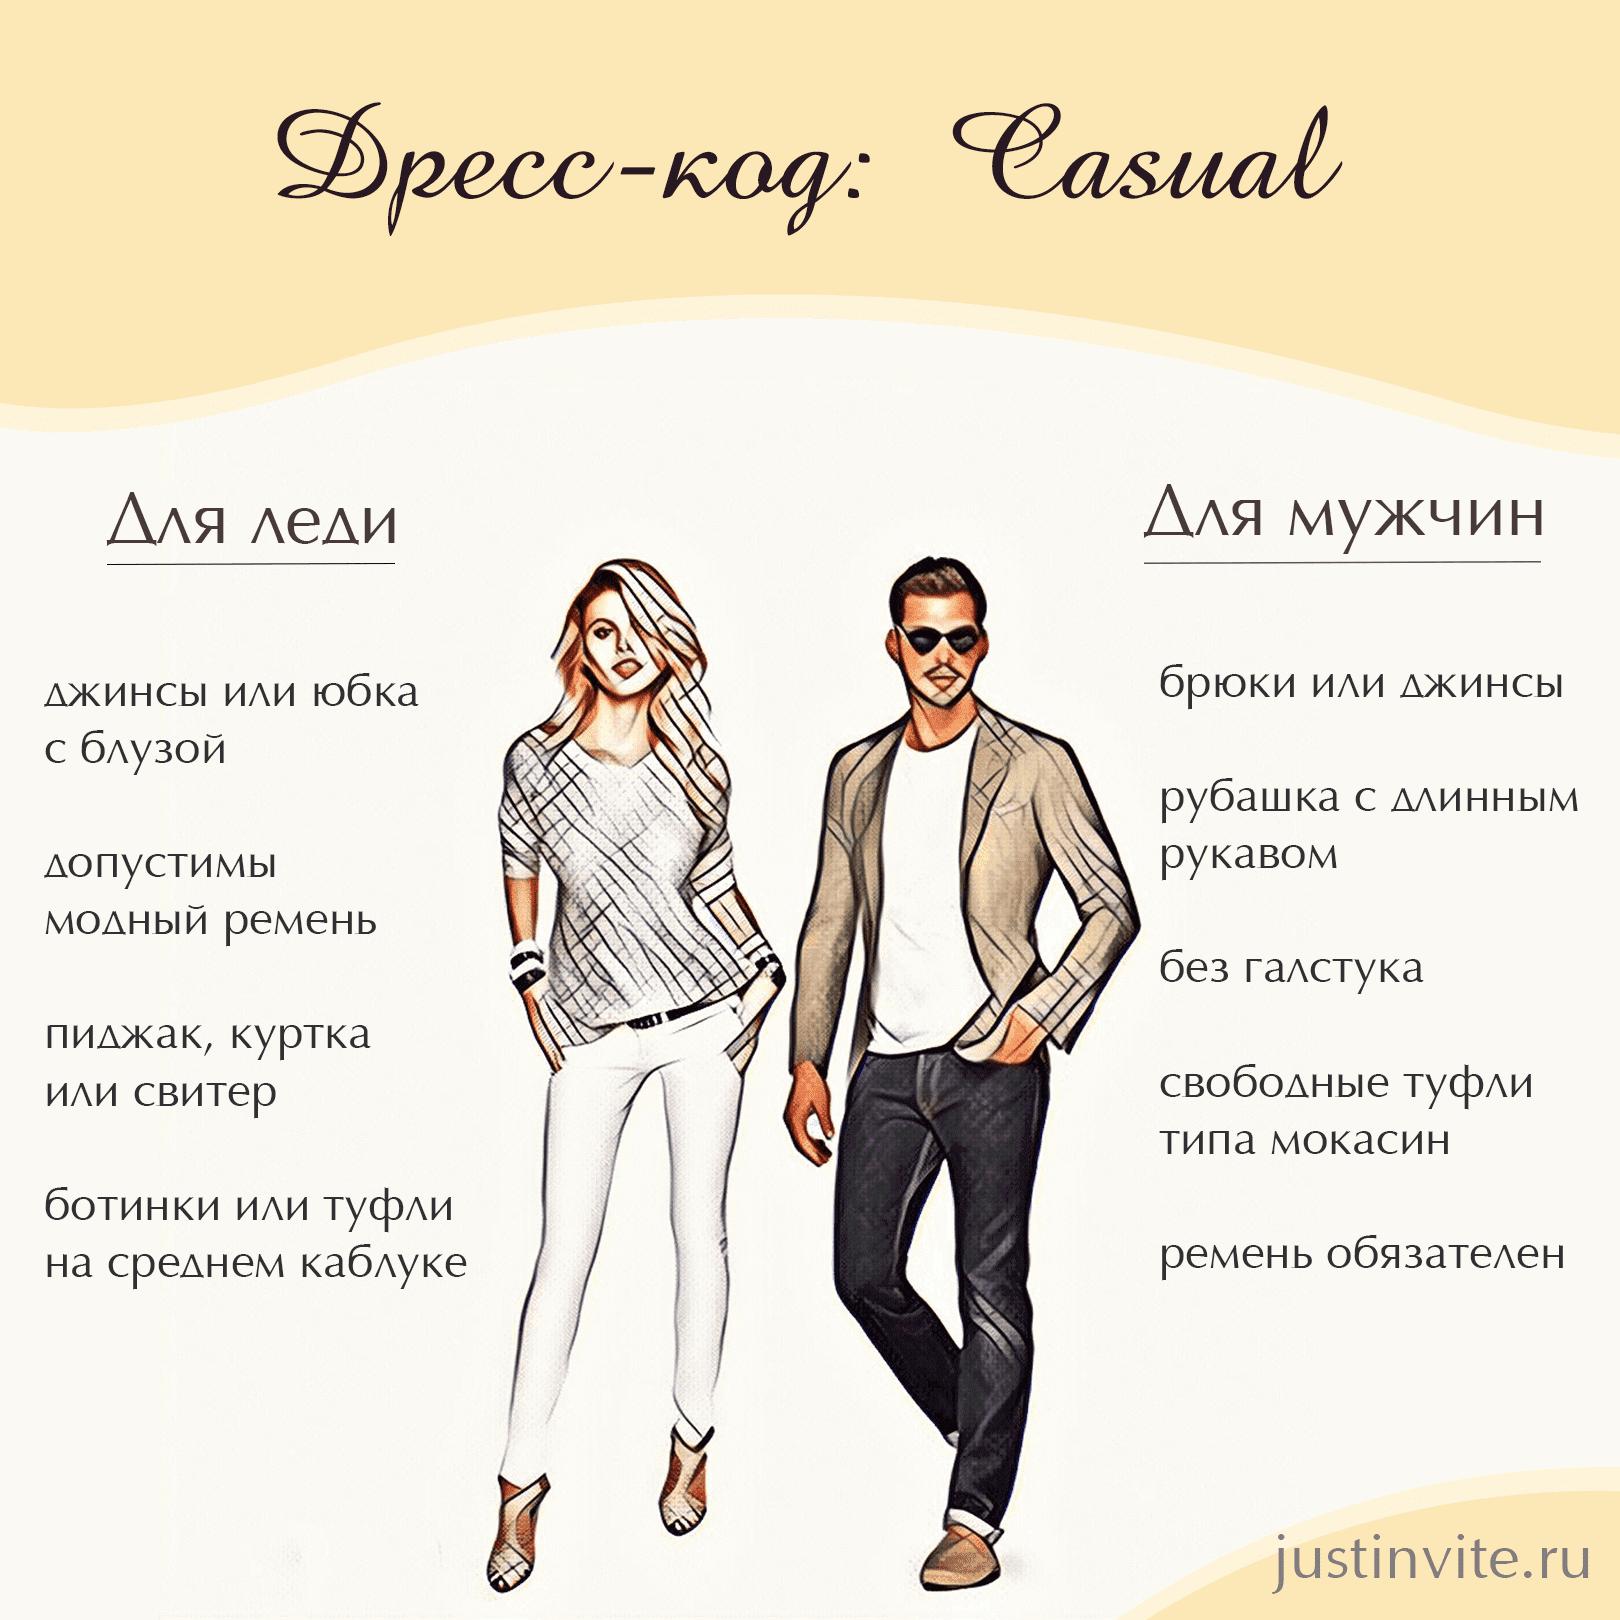 Дресс-код Smart casual для женщин и мужчин на свадьбу, день рождения или вечеринку.